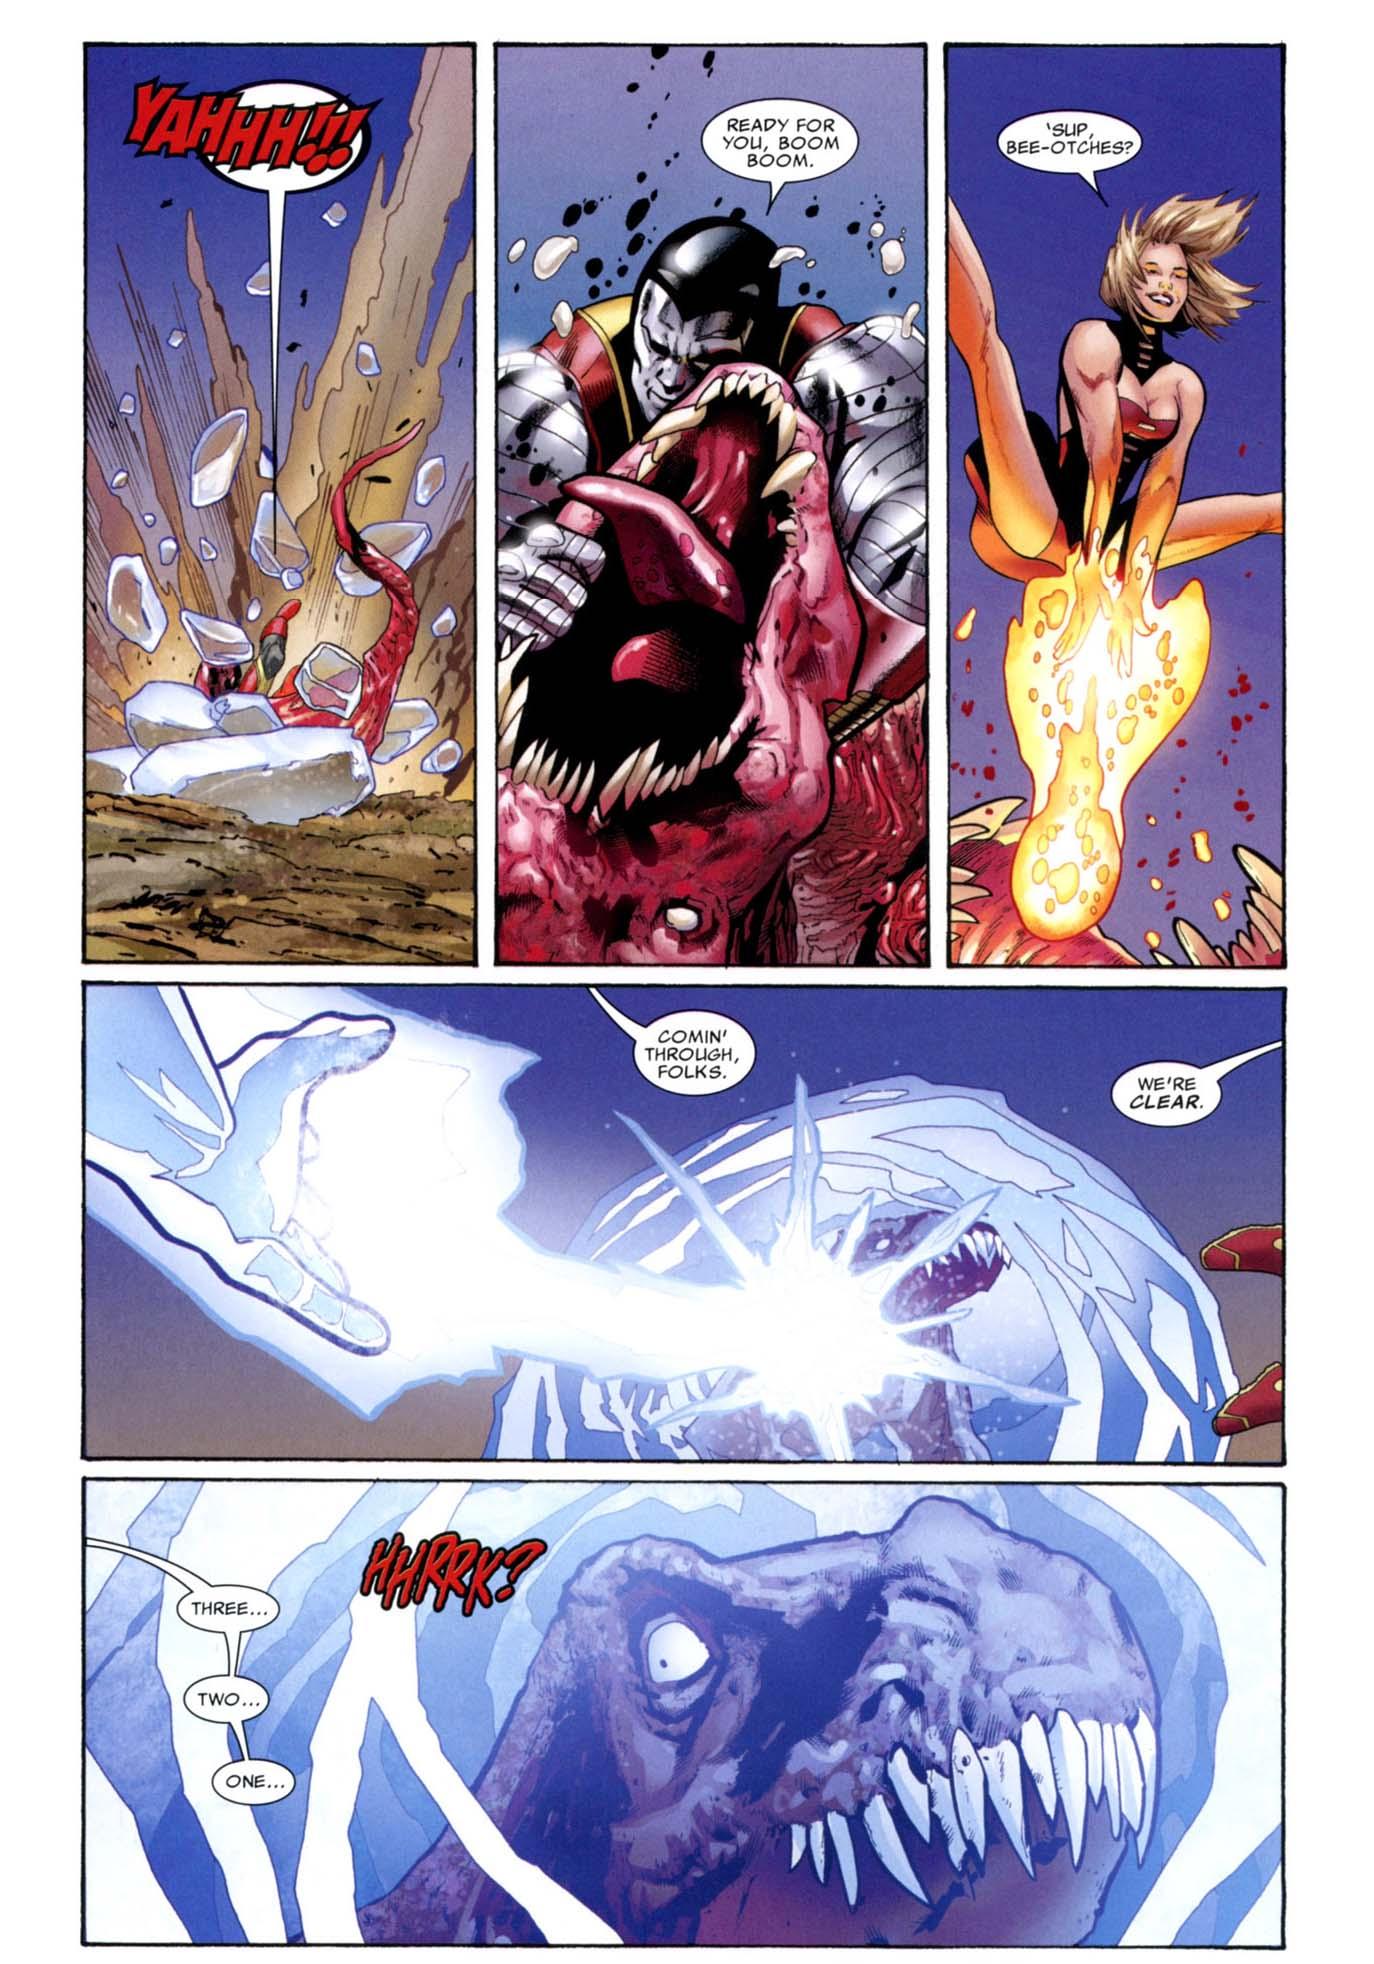 x-men takes down a predator x 3